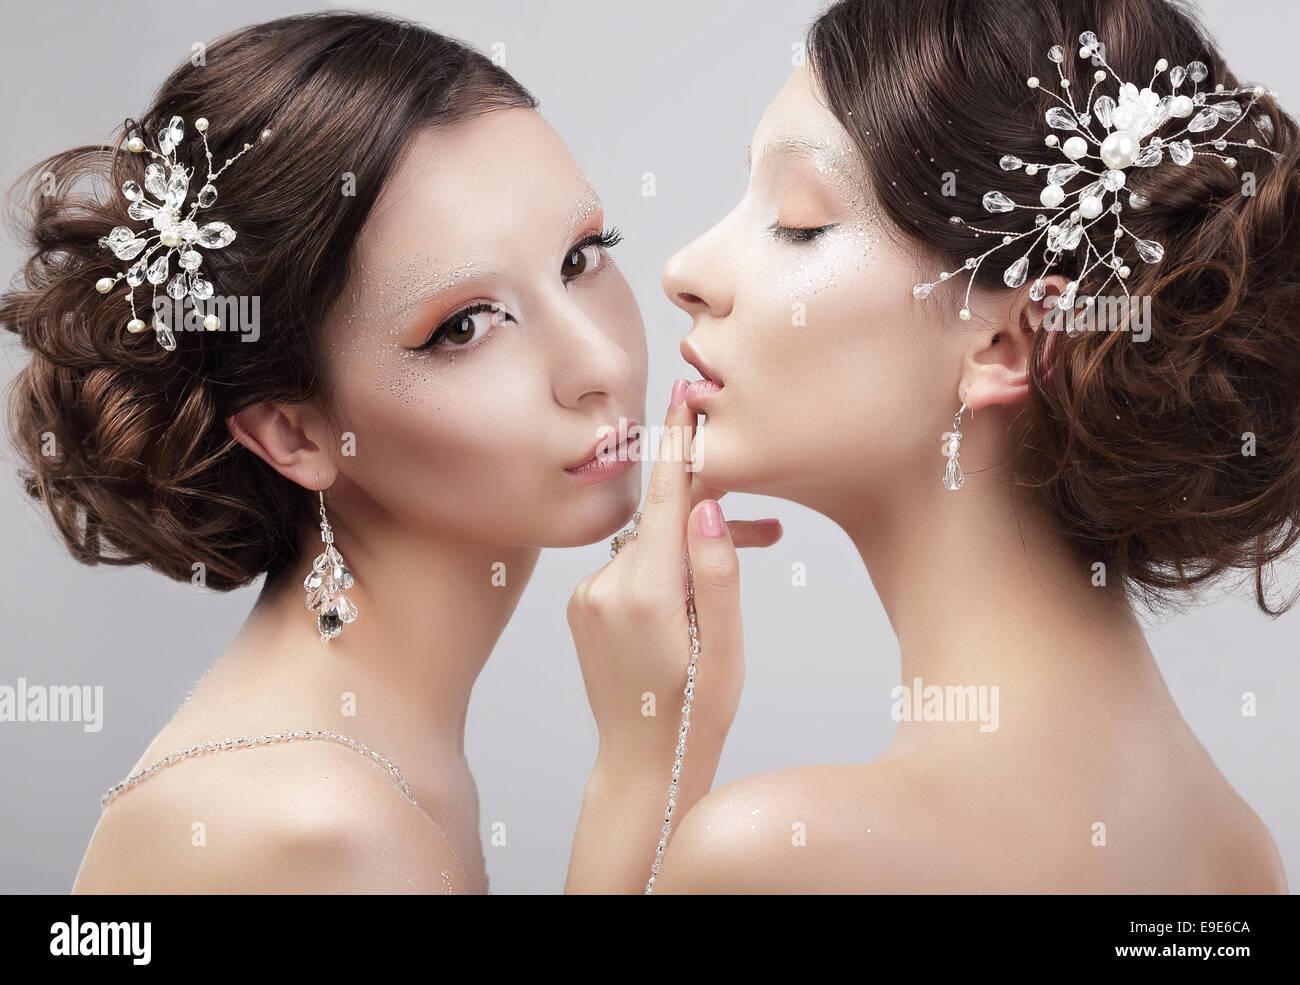 Sensualità. Due donne modelli di moda alla moda e Make-up Immagini Stock